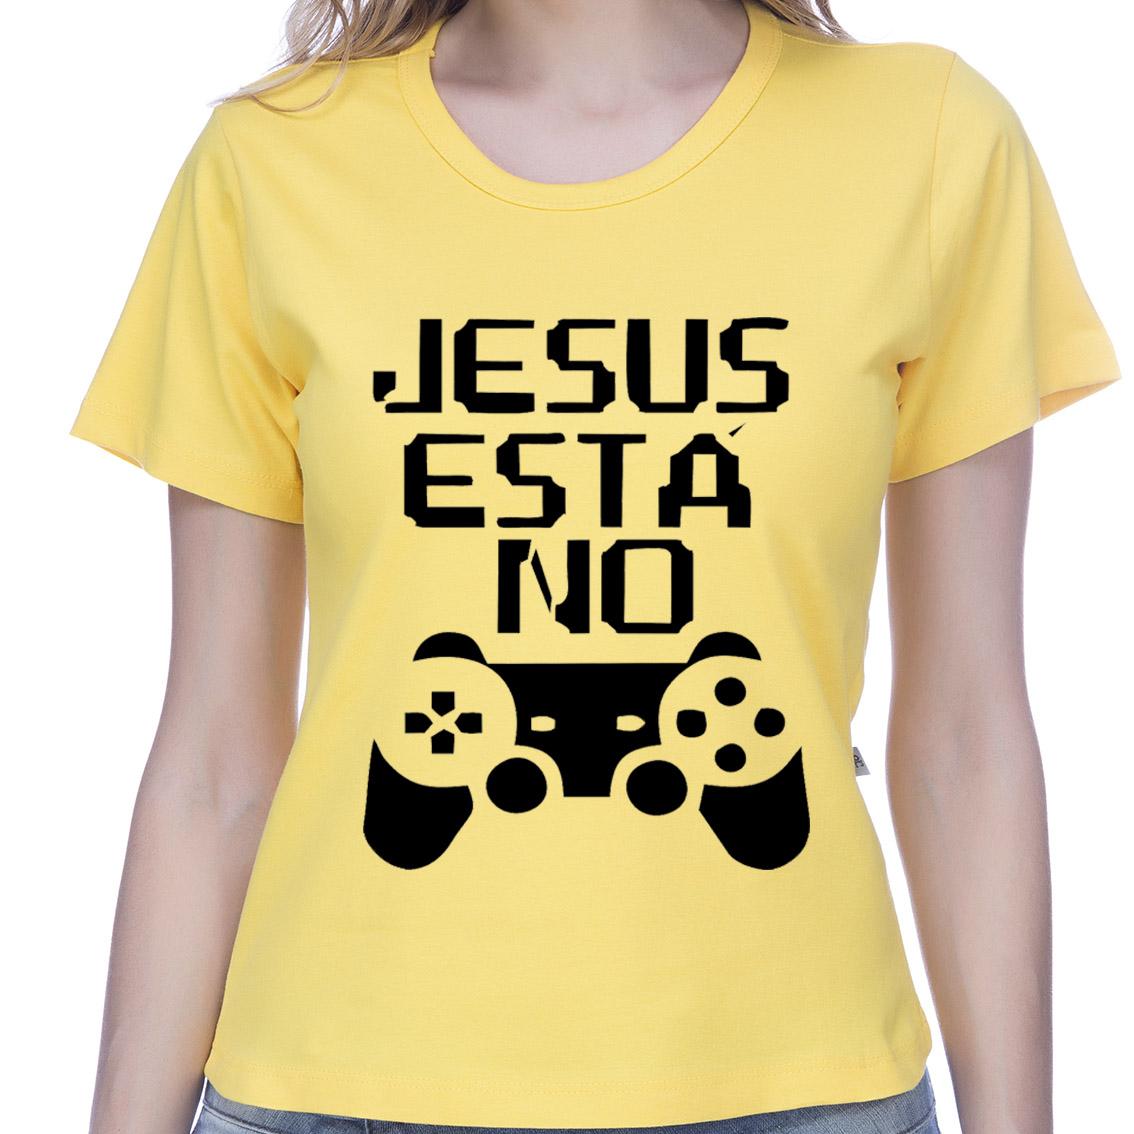 247b76f64 CAMISA JESUS ESTÁ NO CONTROLE